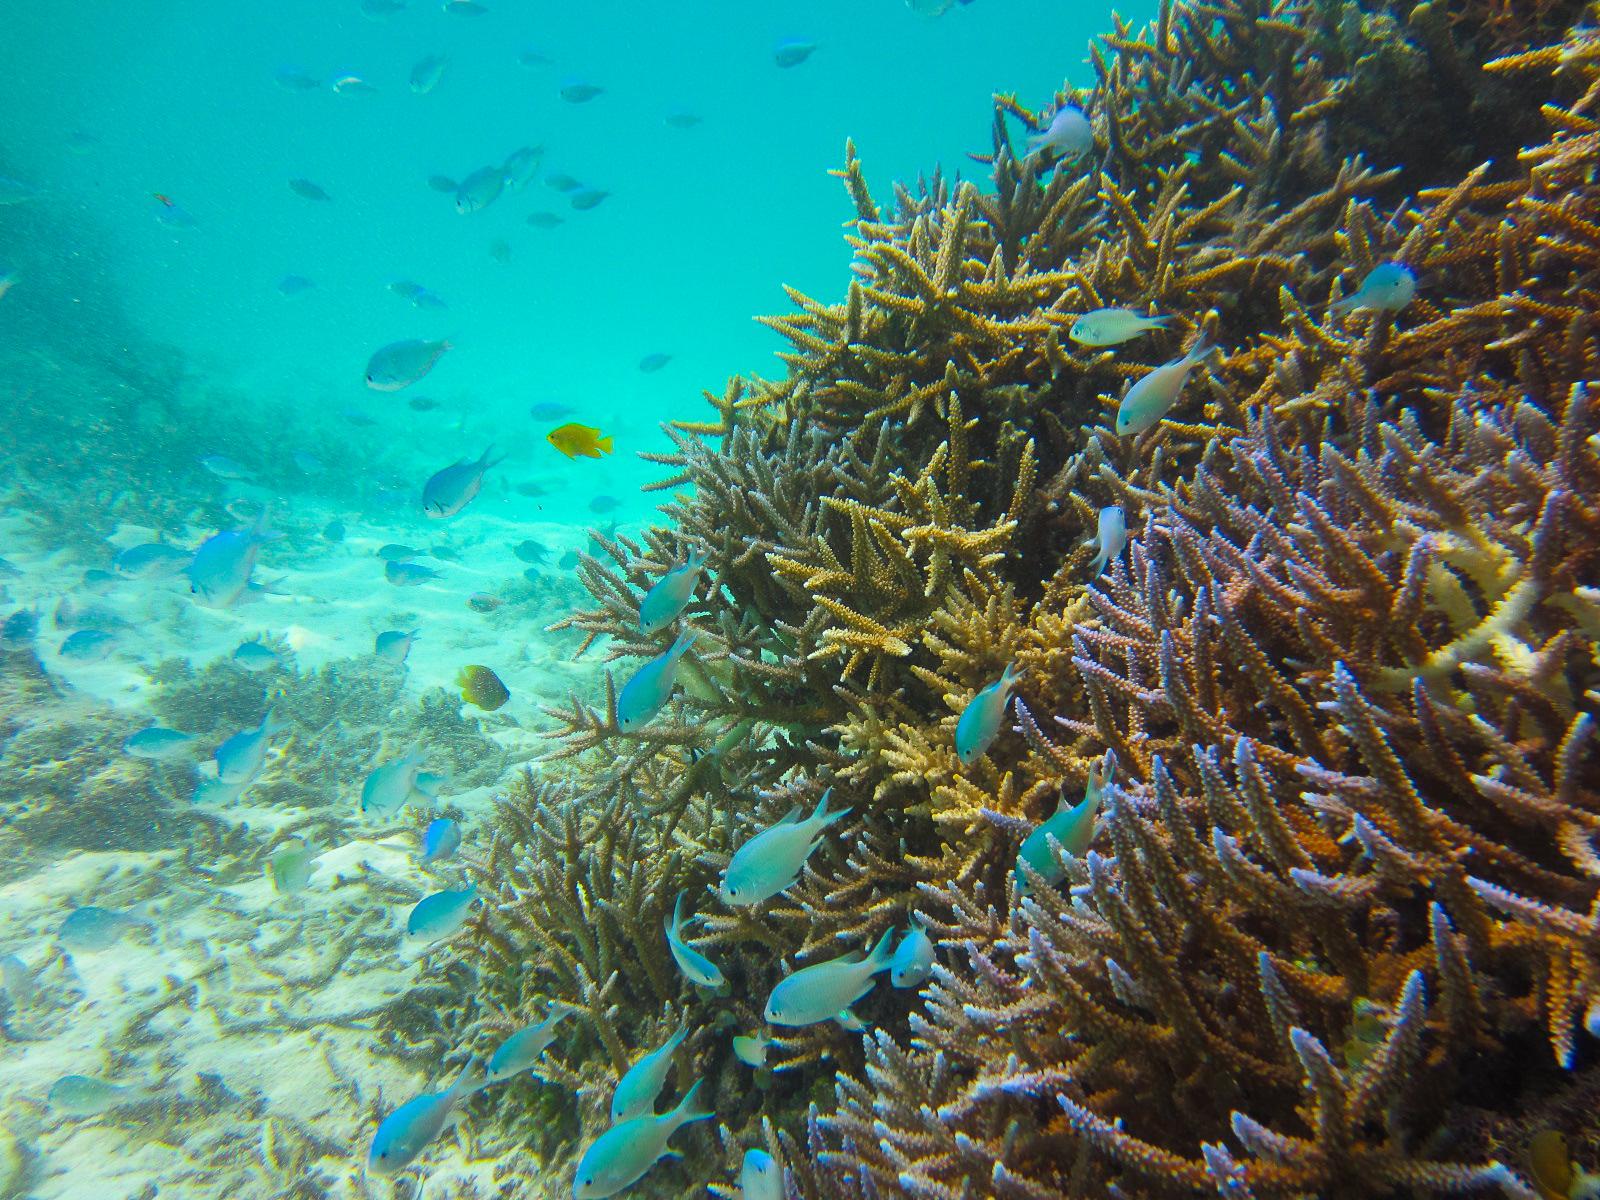 石西礁湖にあるサンゴ礁